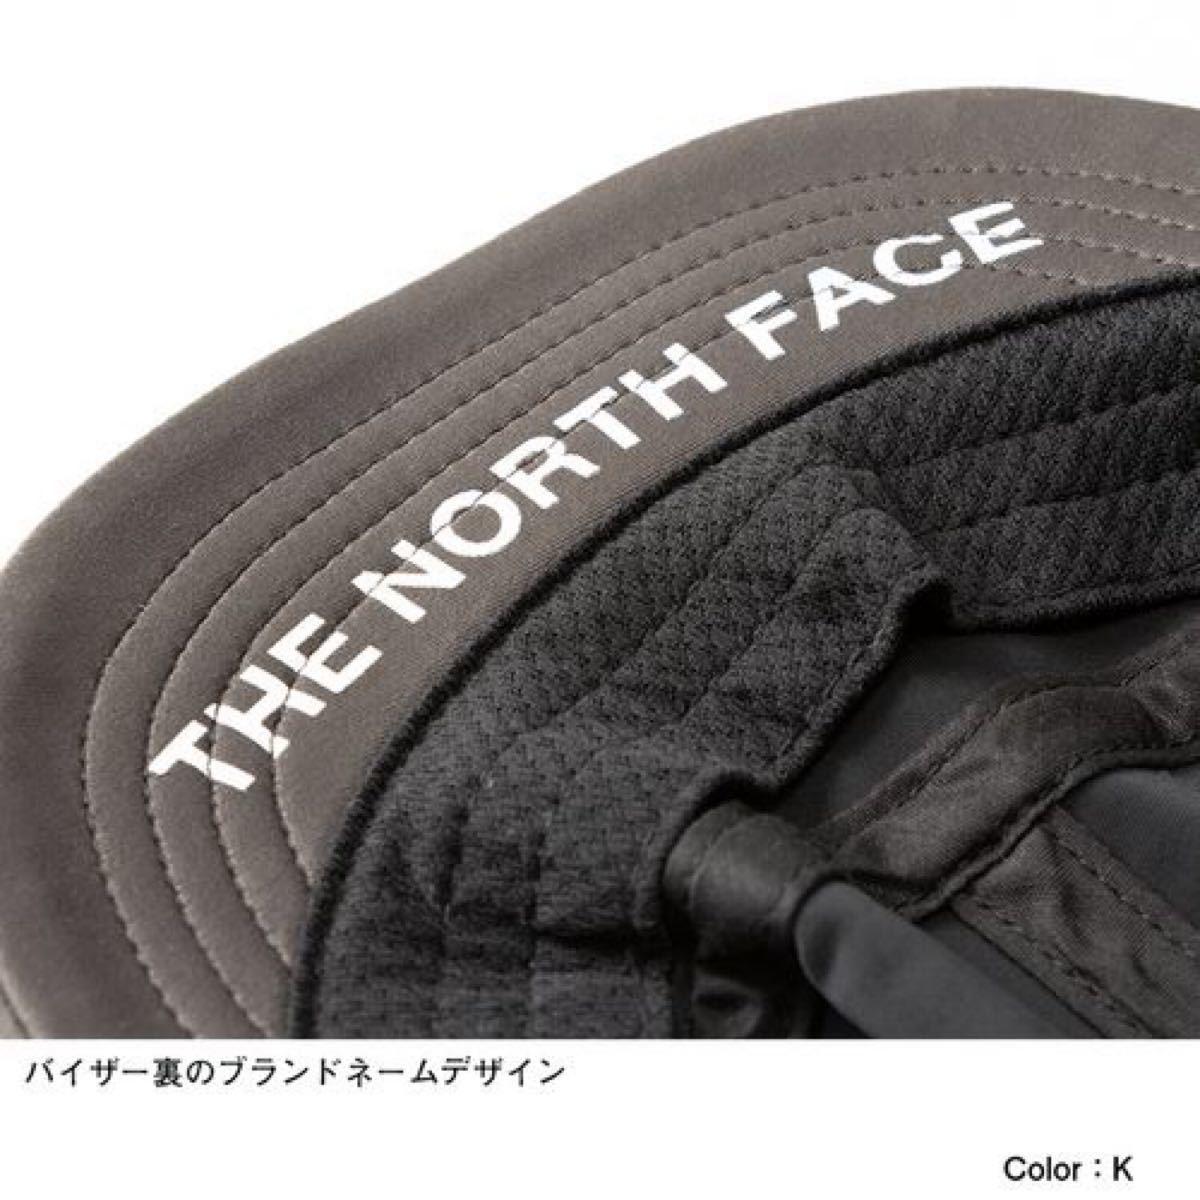 THE NORTH FACEザノースフェイス ランニングキャップ ユニセックス